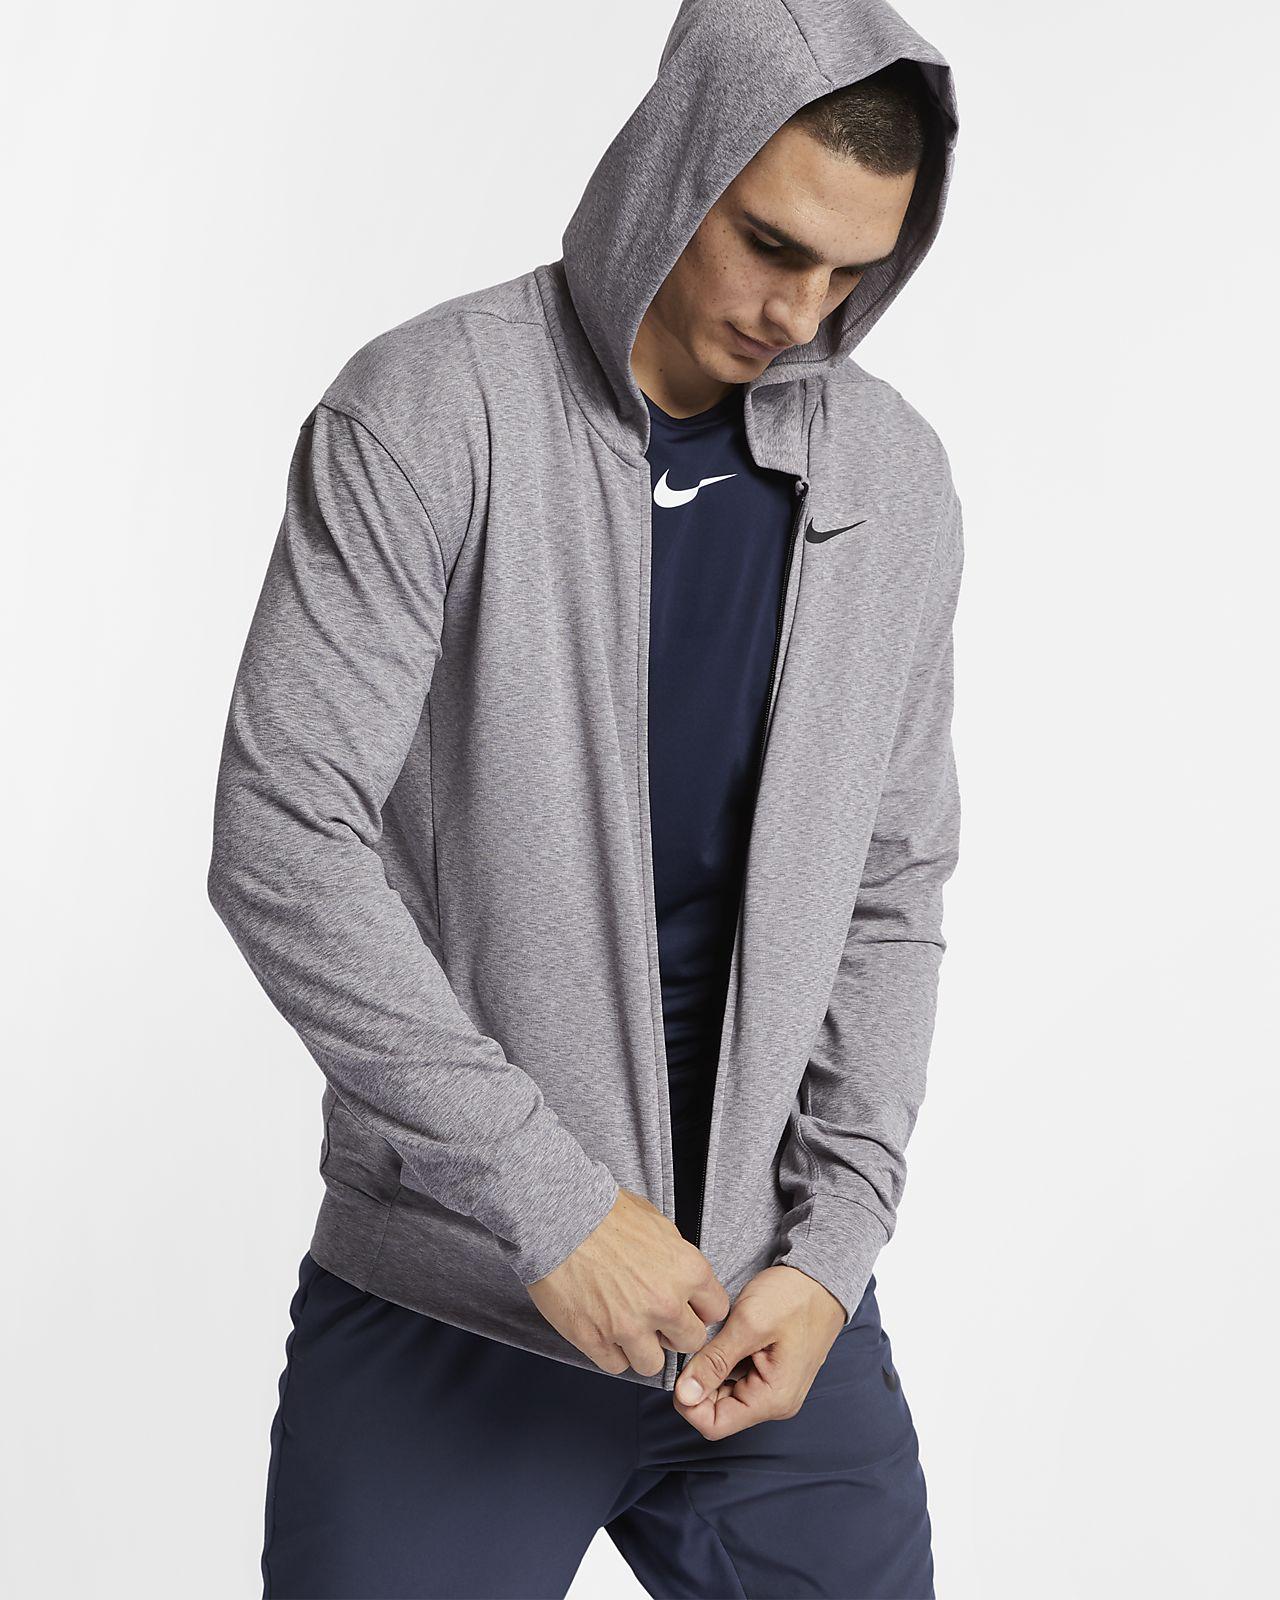 เสื้อเทรนนิ่งโยคะมีฮู้ดซิปยาวผู้ชาย Nike Dri-FIT